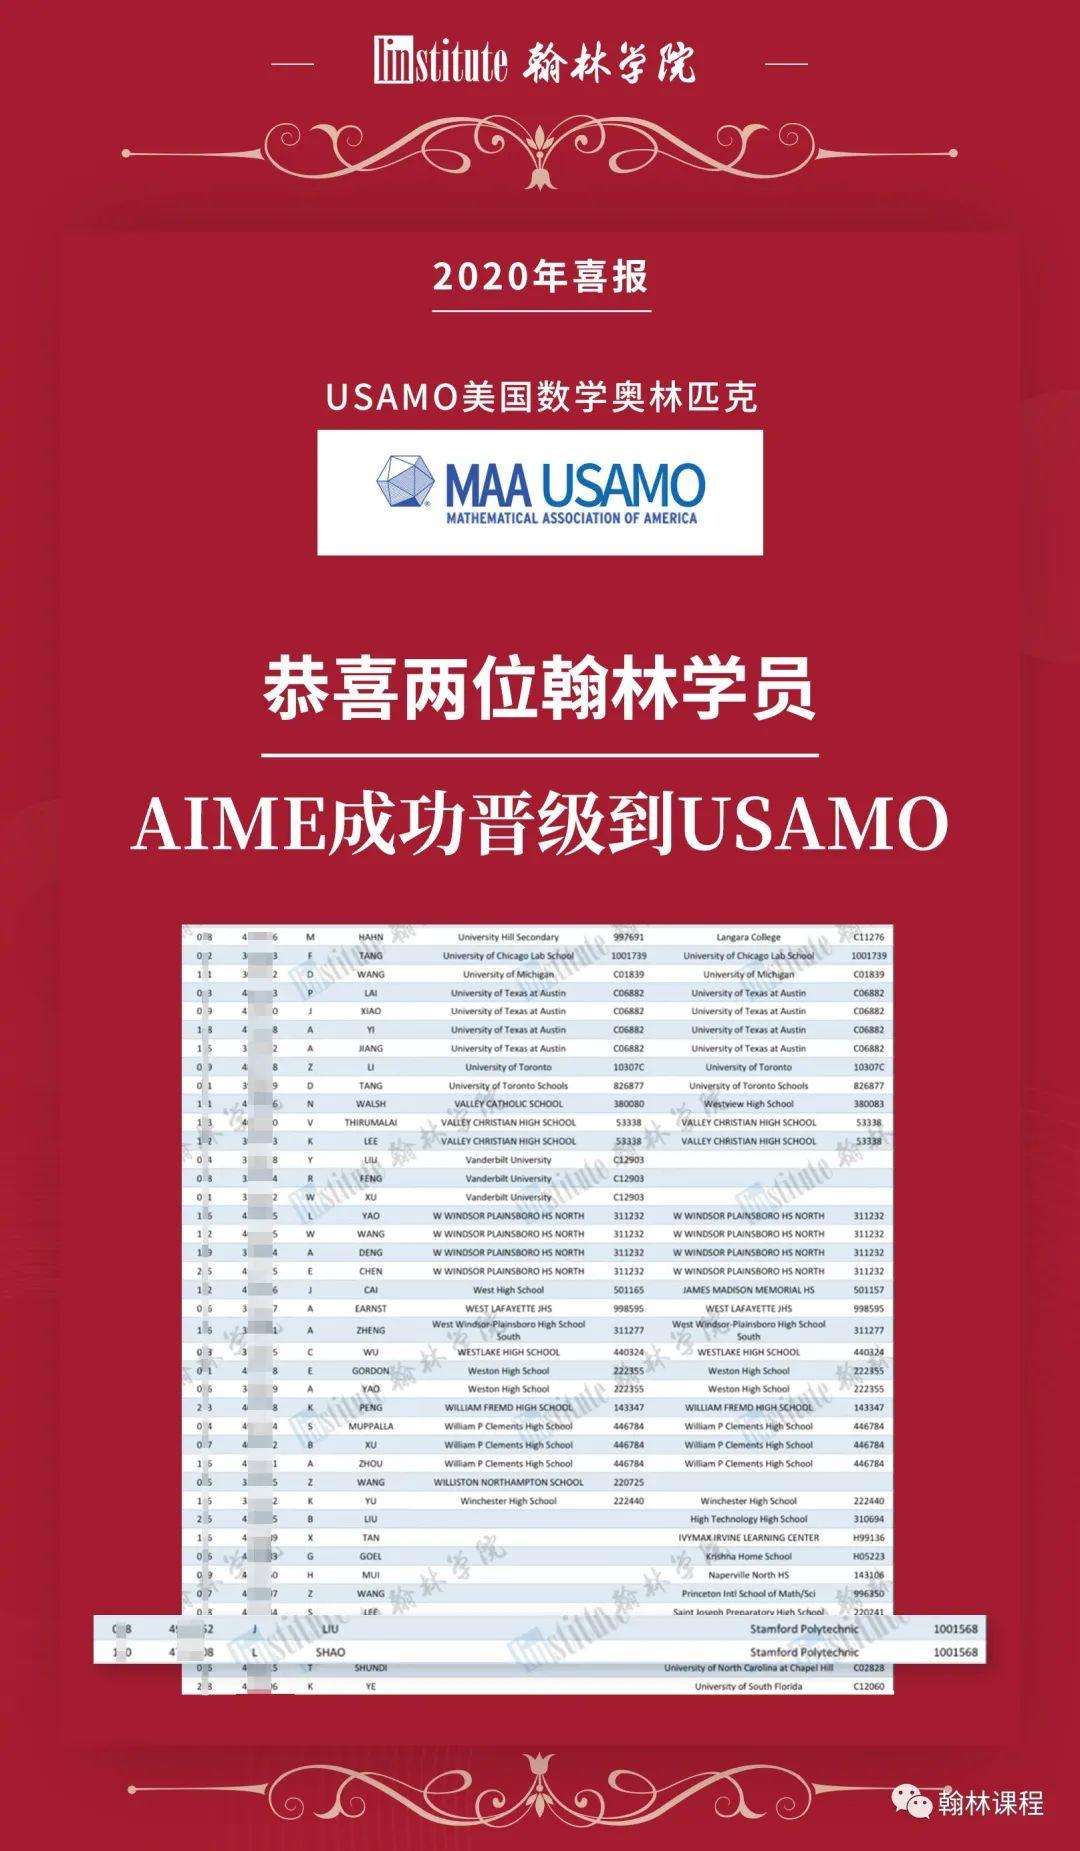 战绩 | 恭喜翰林学员AIME成功晋级到USAMO!